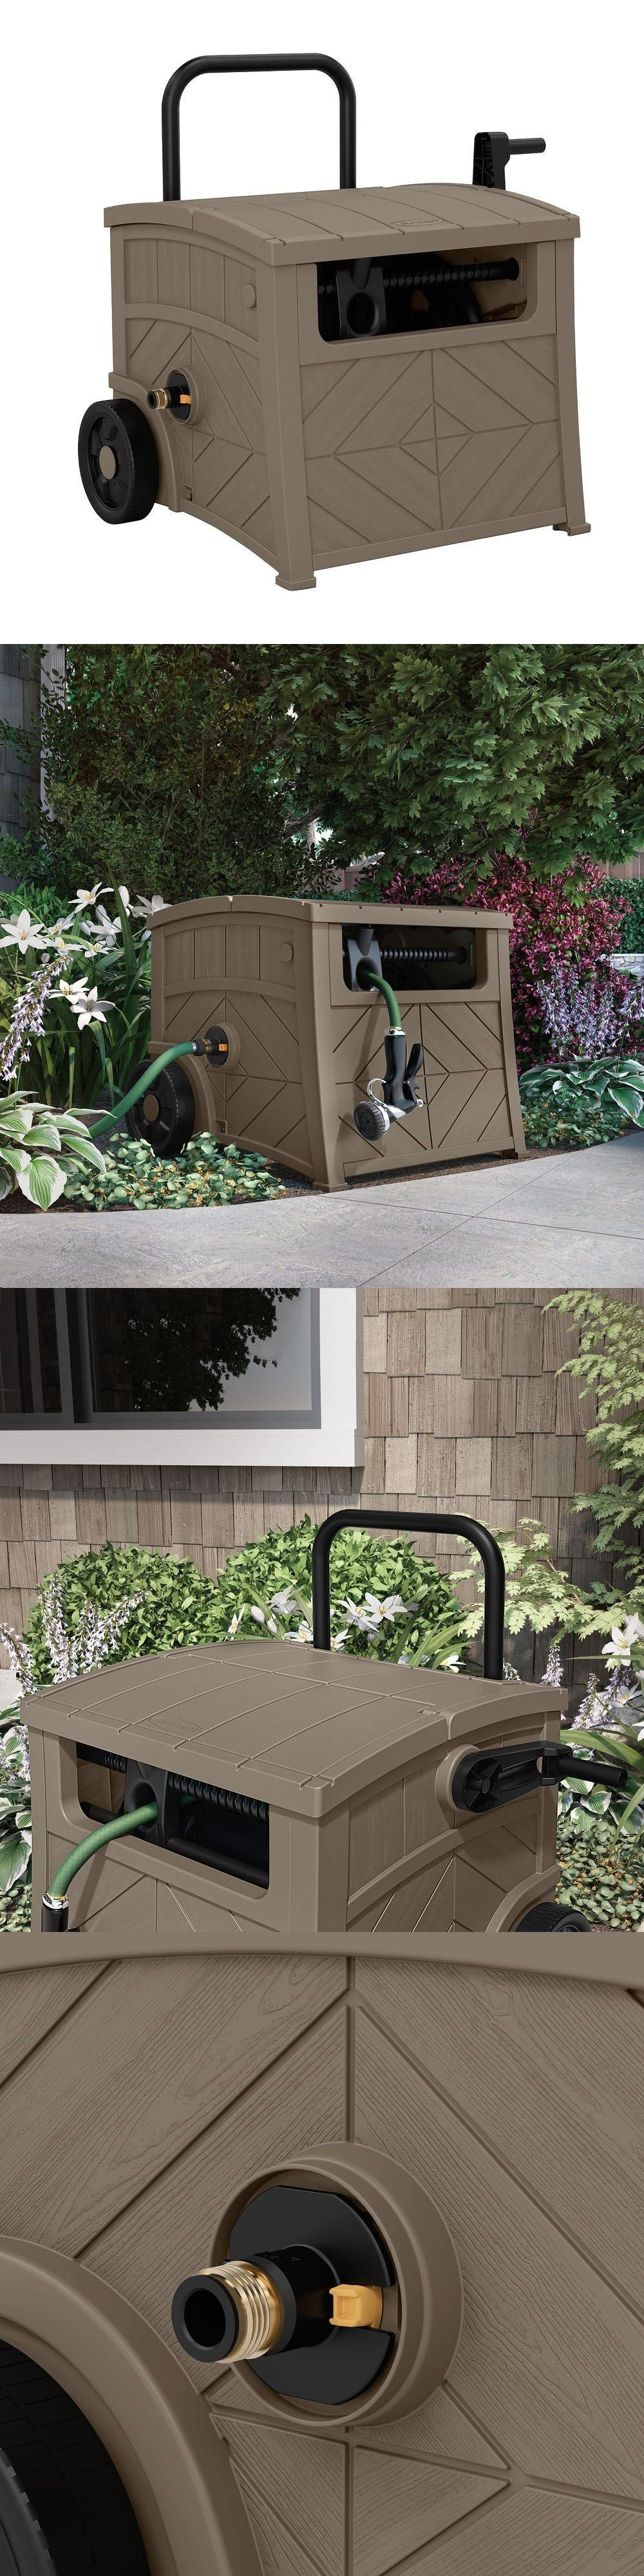 Details about Garden Water Leader Hose Reel Storage Box